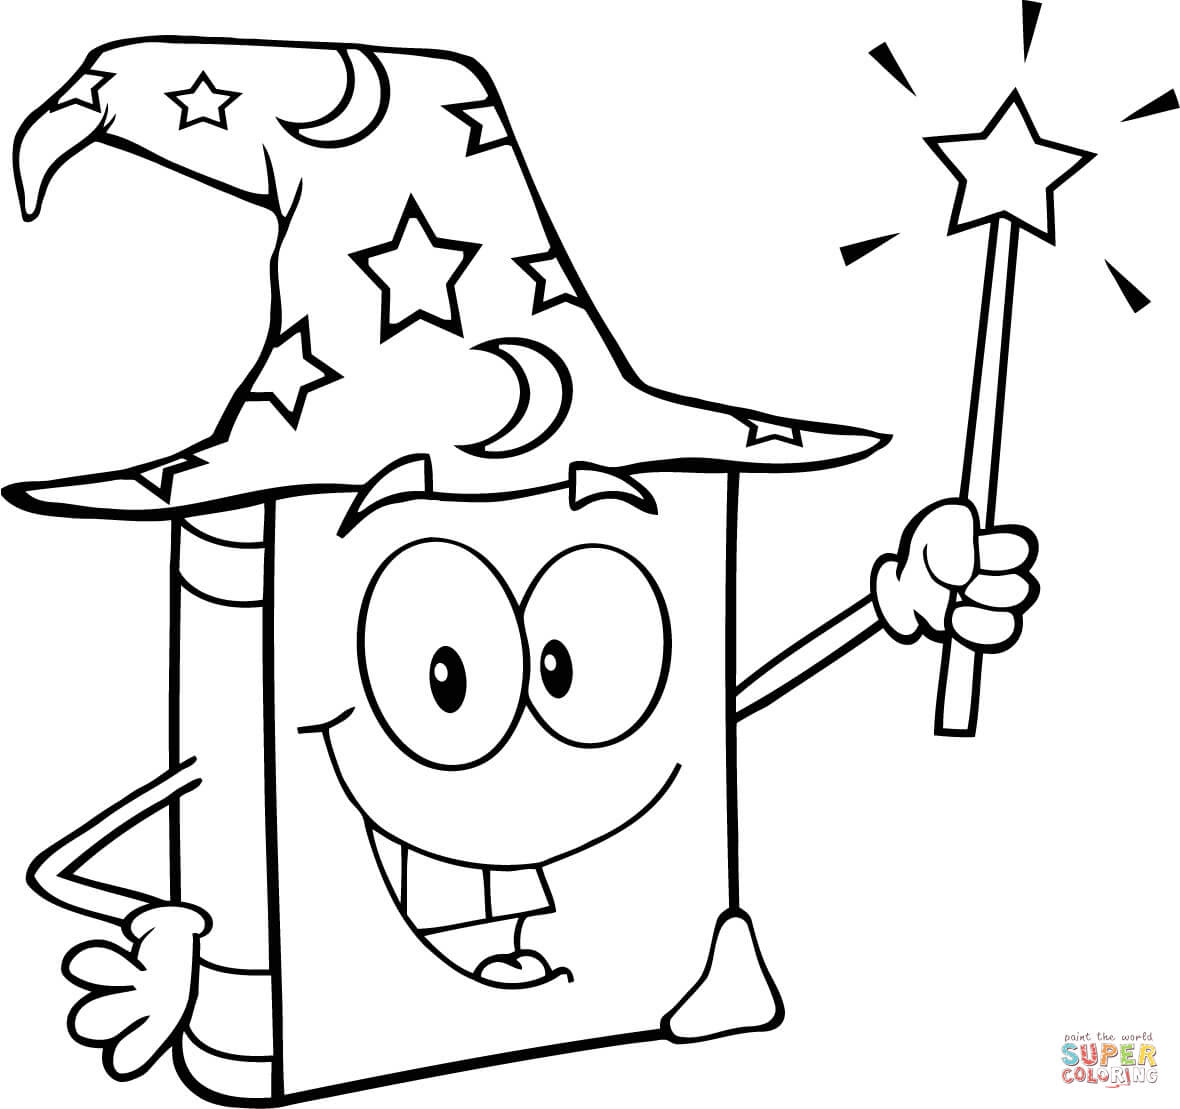 Dibujo De Libro Mágico Con Varita Mágica Para Colorear Dibujos